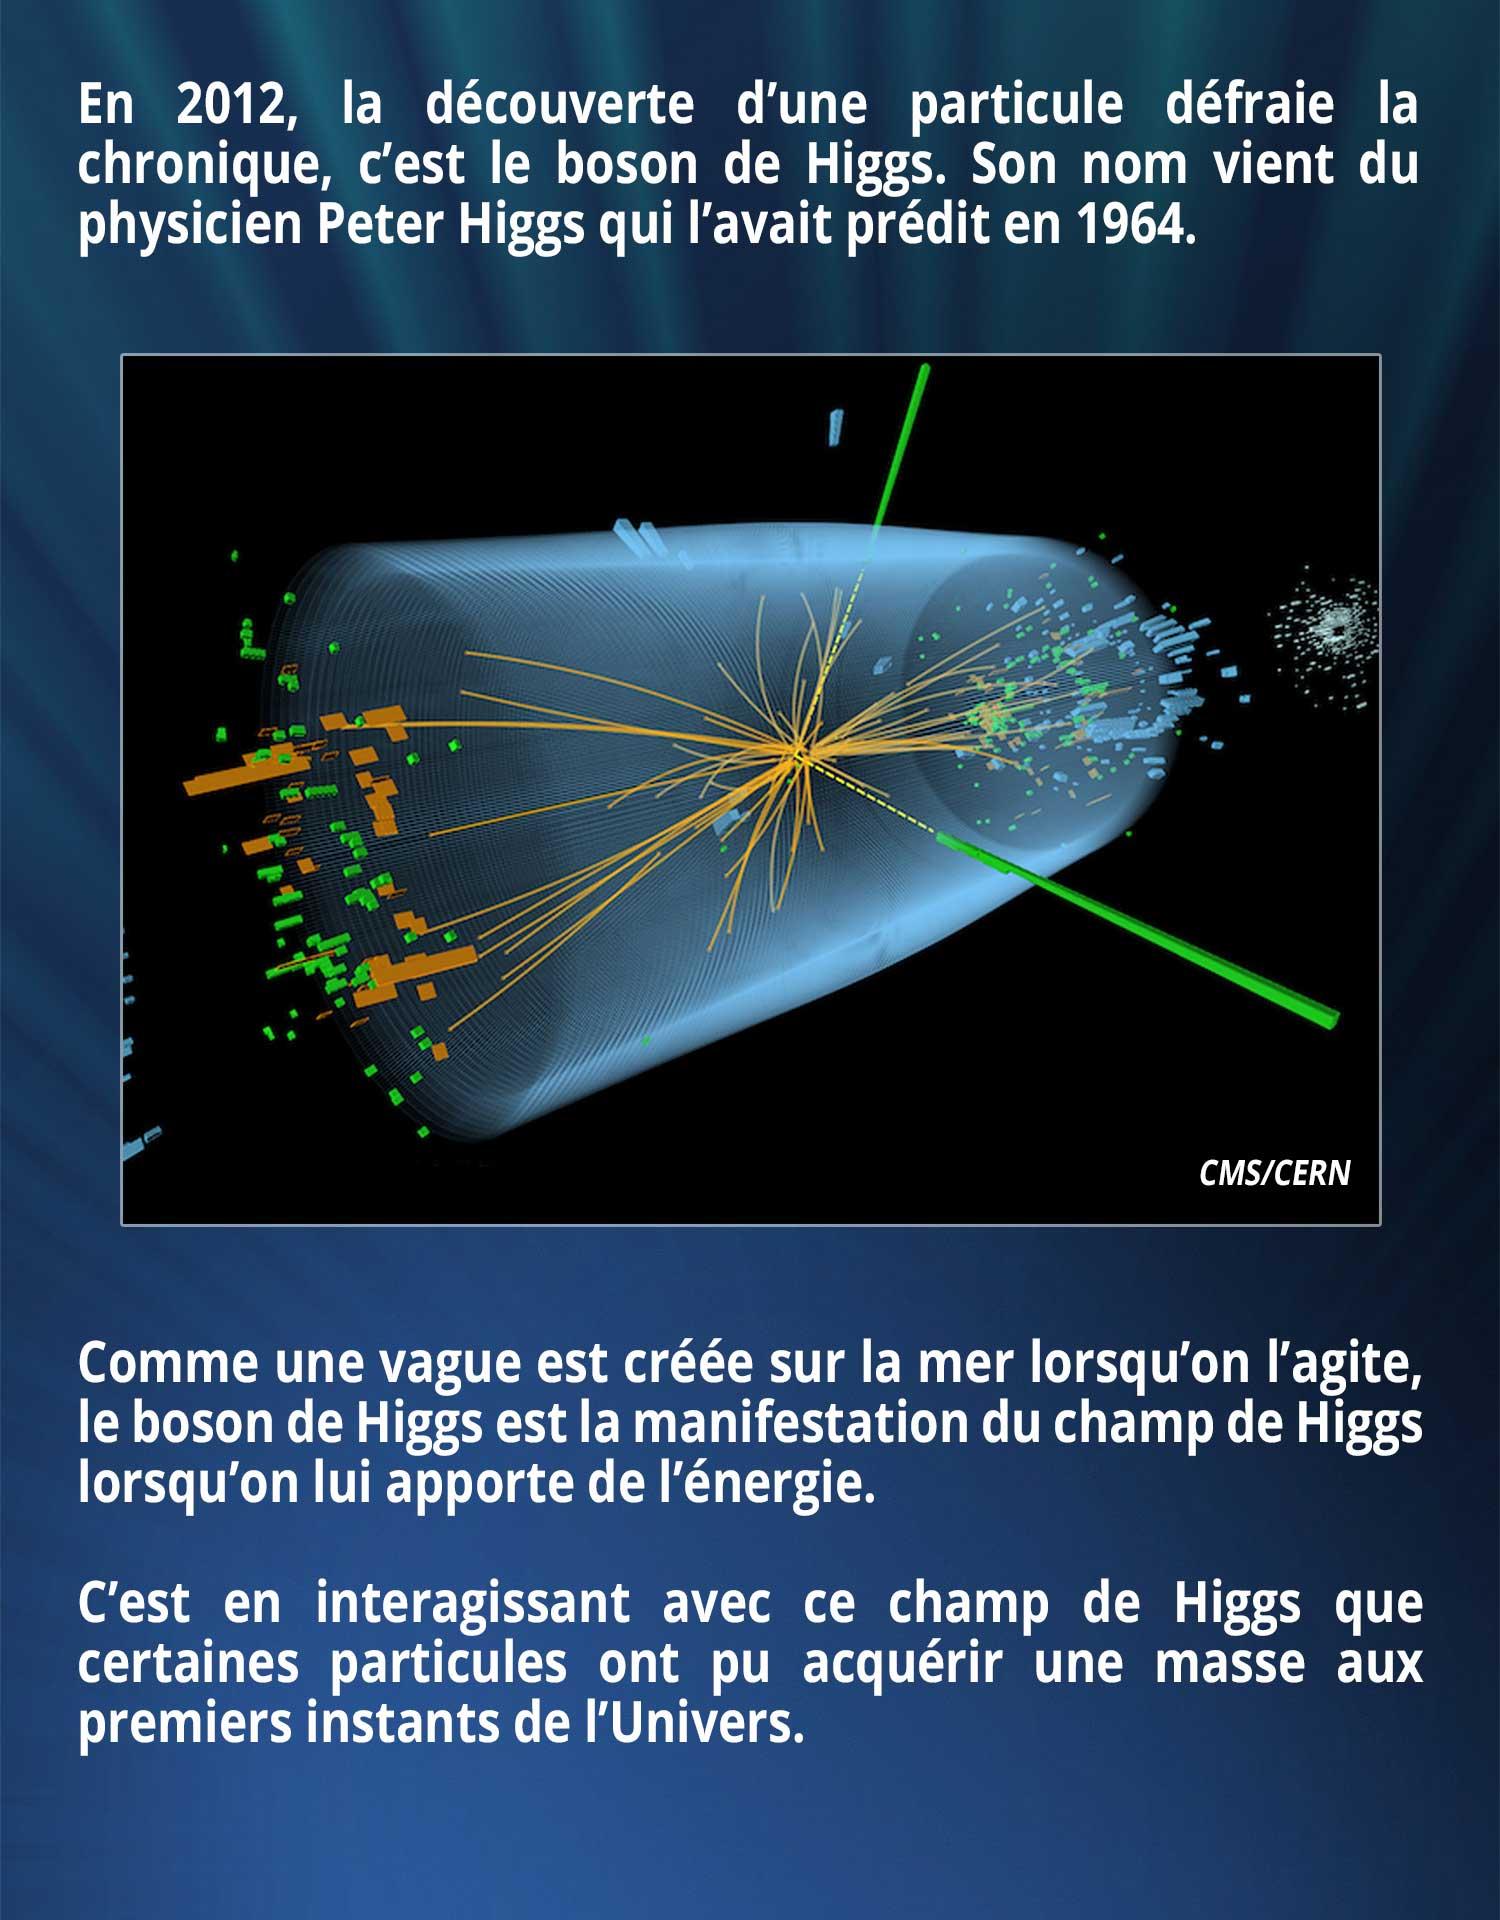 En 2012, la découverte d'une particule défraie la chronique, c'est le boson de Higgs. Son nom vient du physicien Peter Higgs qui l'avait prédit en 1964. Comme une vague est créée sur la mer lorsqu'on l'agite, le boson de Higgs est la manifestation du champ de Higgs lorsqu'on lui apporte de l'énergie. C'est en interagissant avec ce champ de Higgs que certaines particules ont pu acquérir une masse aux premiers instants de l'Univers.